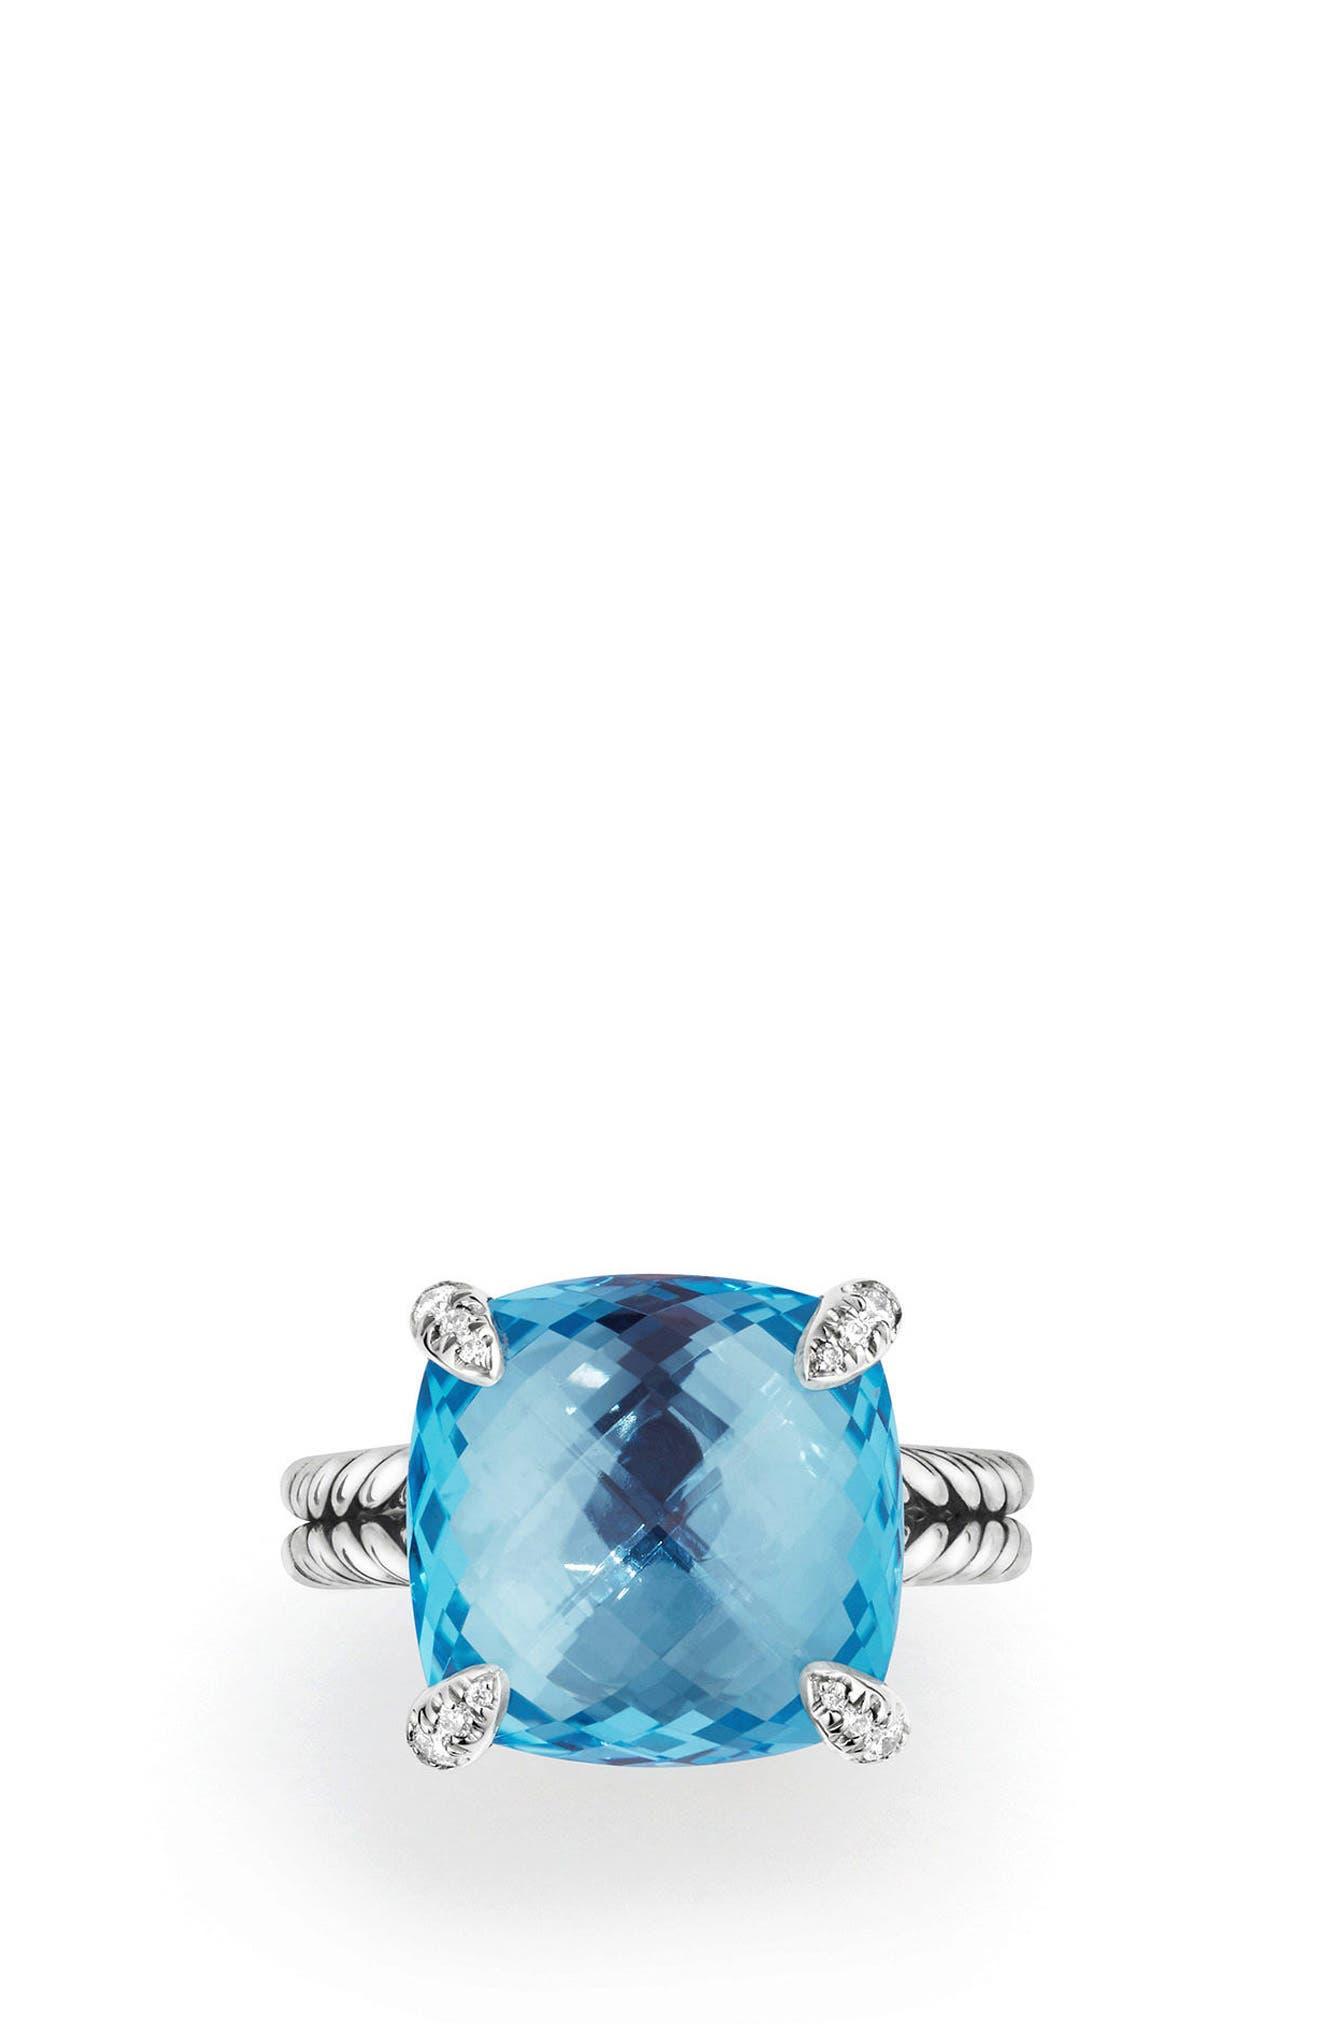 Alternate Image 3  - David Yurman Châtelaine Ring with Semiprecious Stone & Diamonds